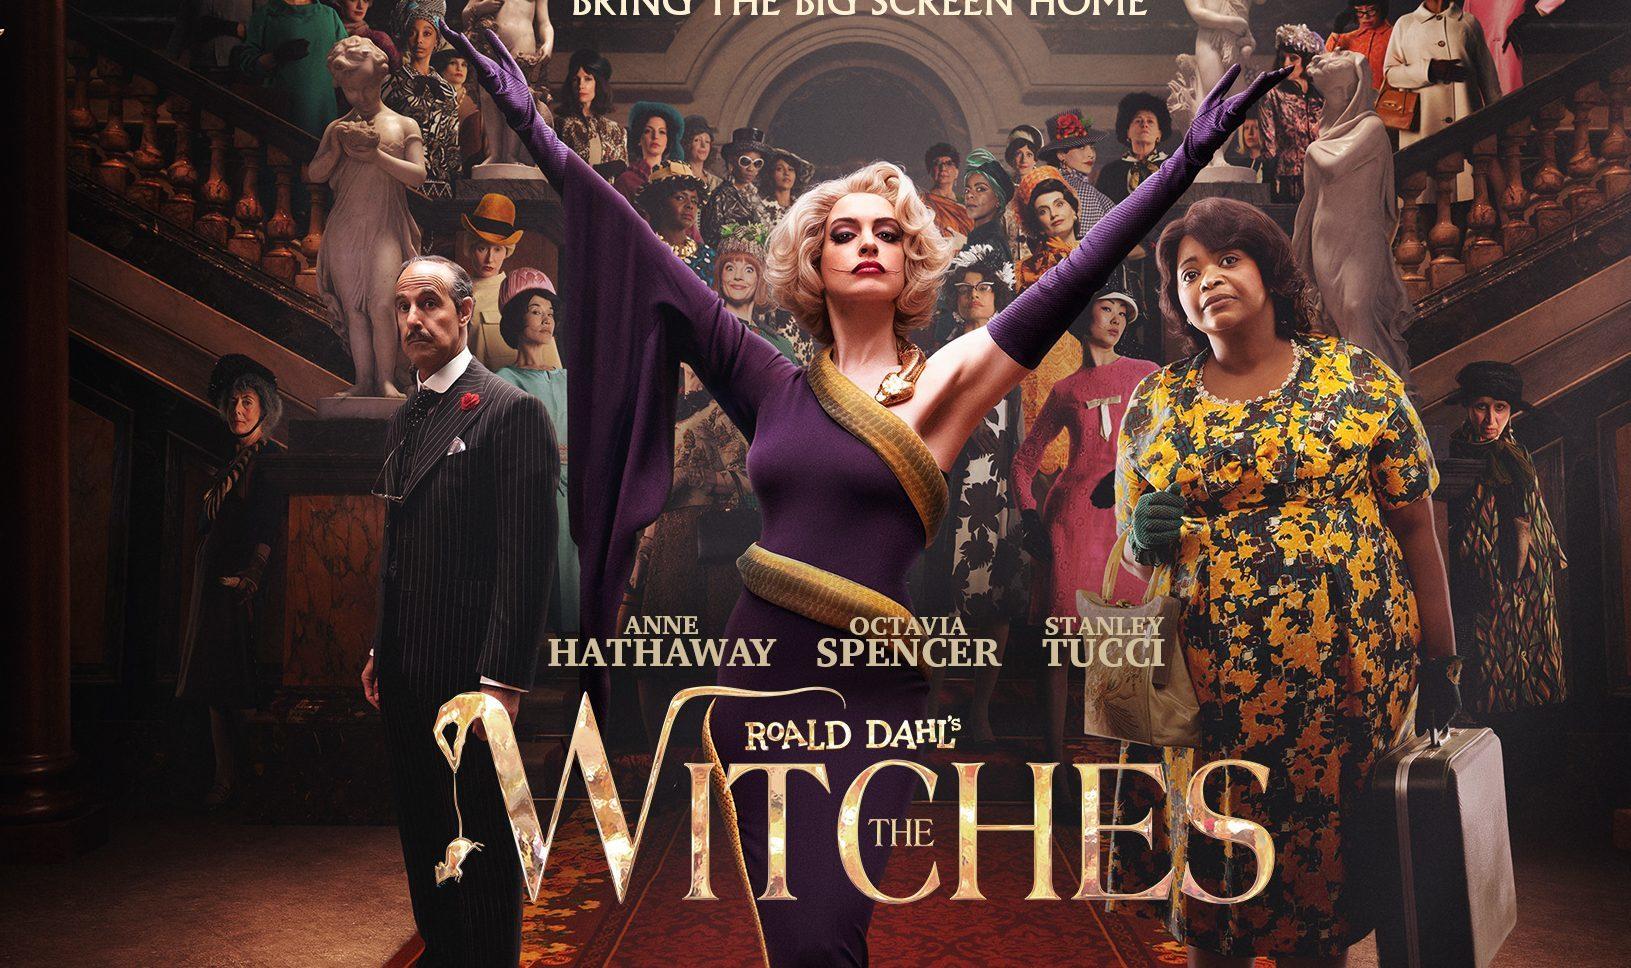 'Công chúa' Anne Hathaway vào vai phù thủy tối thượng đẹp ma mị